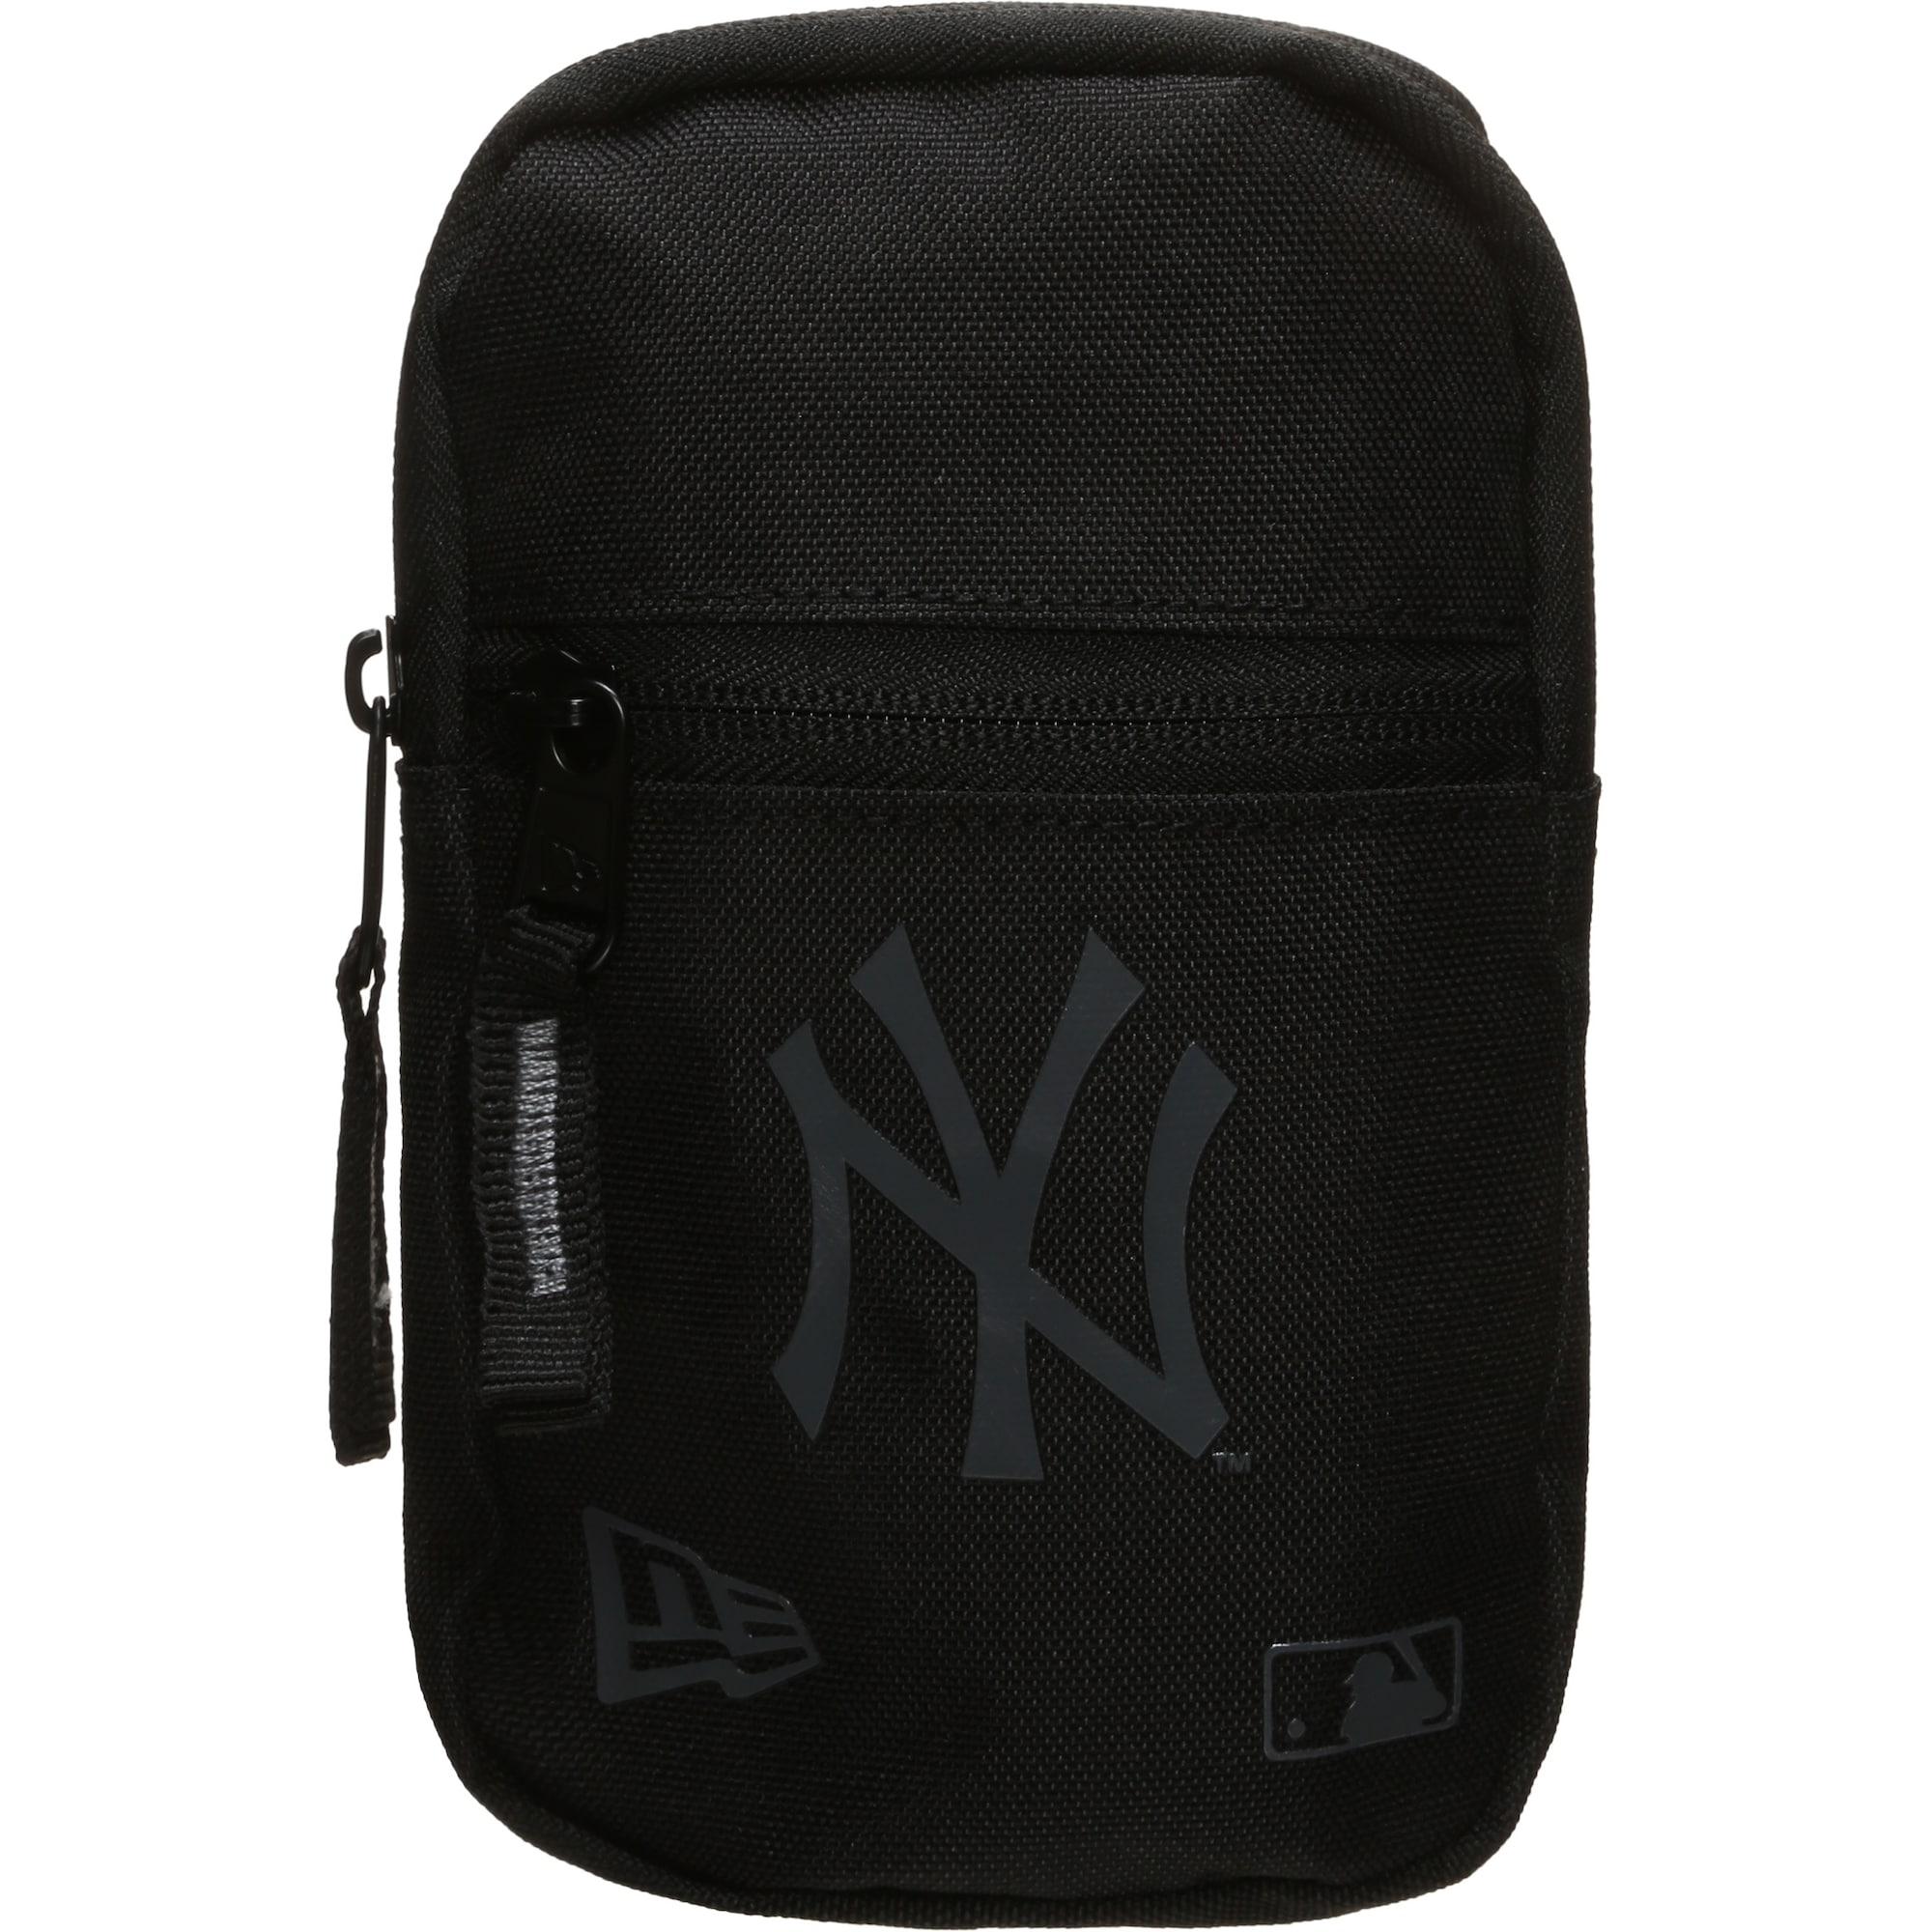 Schlüsseltasche 'MLB New York Yankees' | Accessoires > Portemonnaies > Schlüsseltaschen | new era